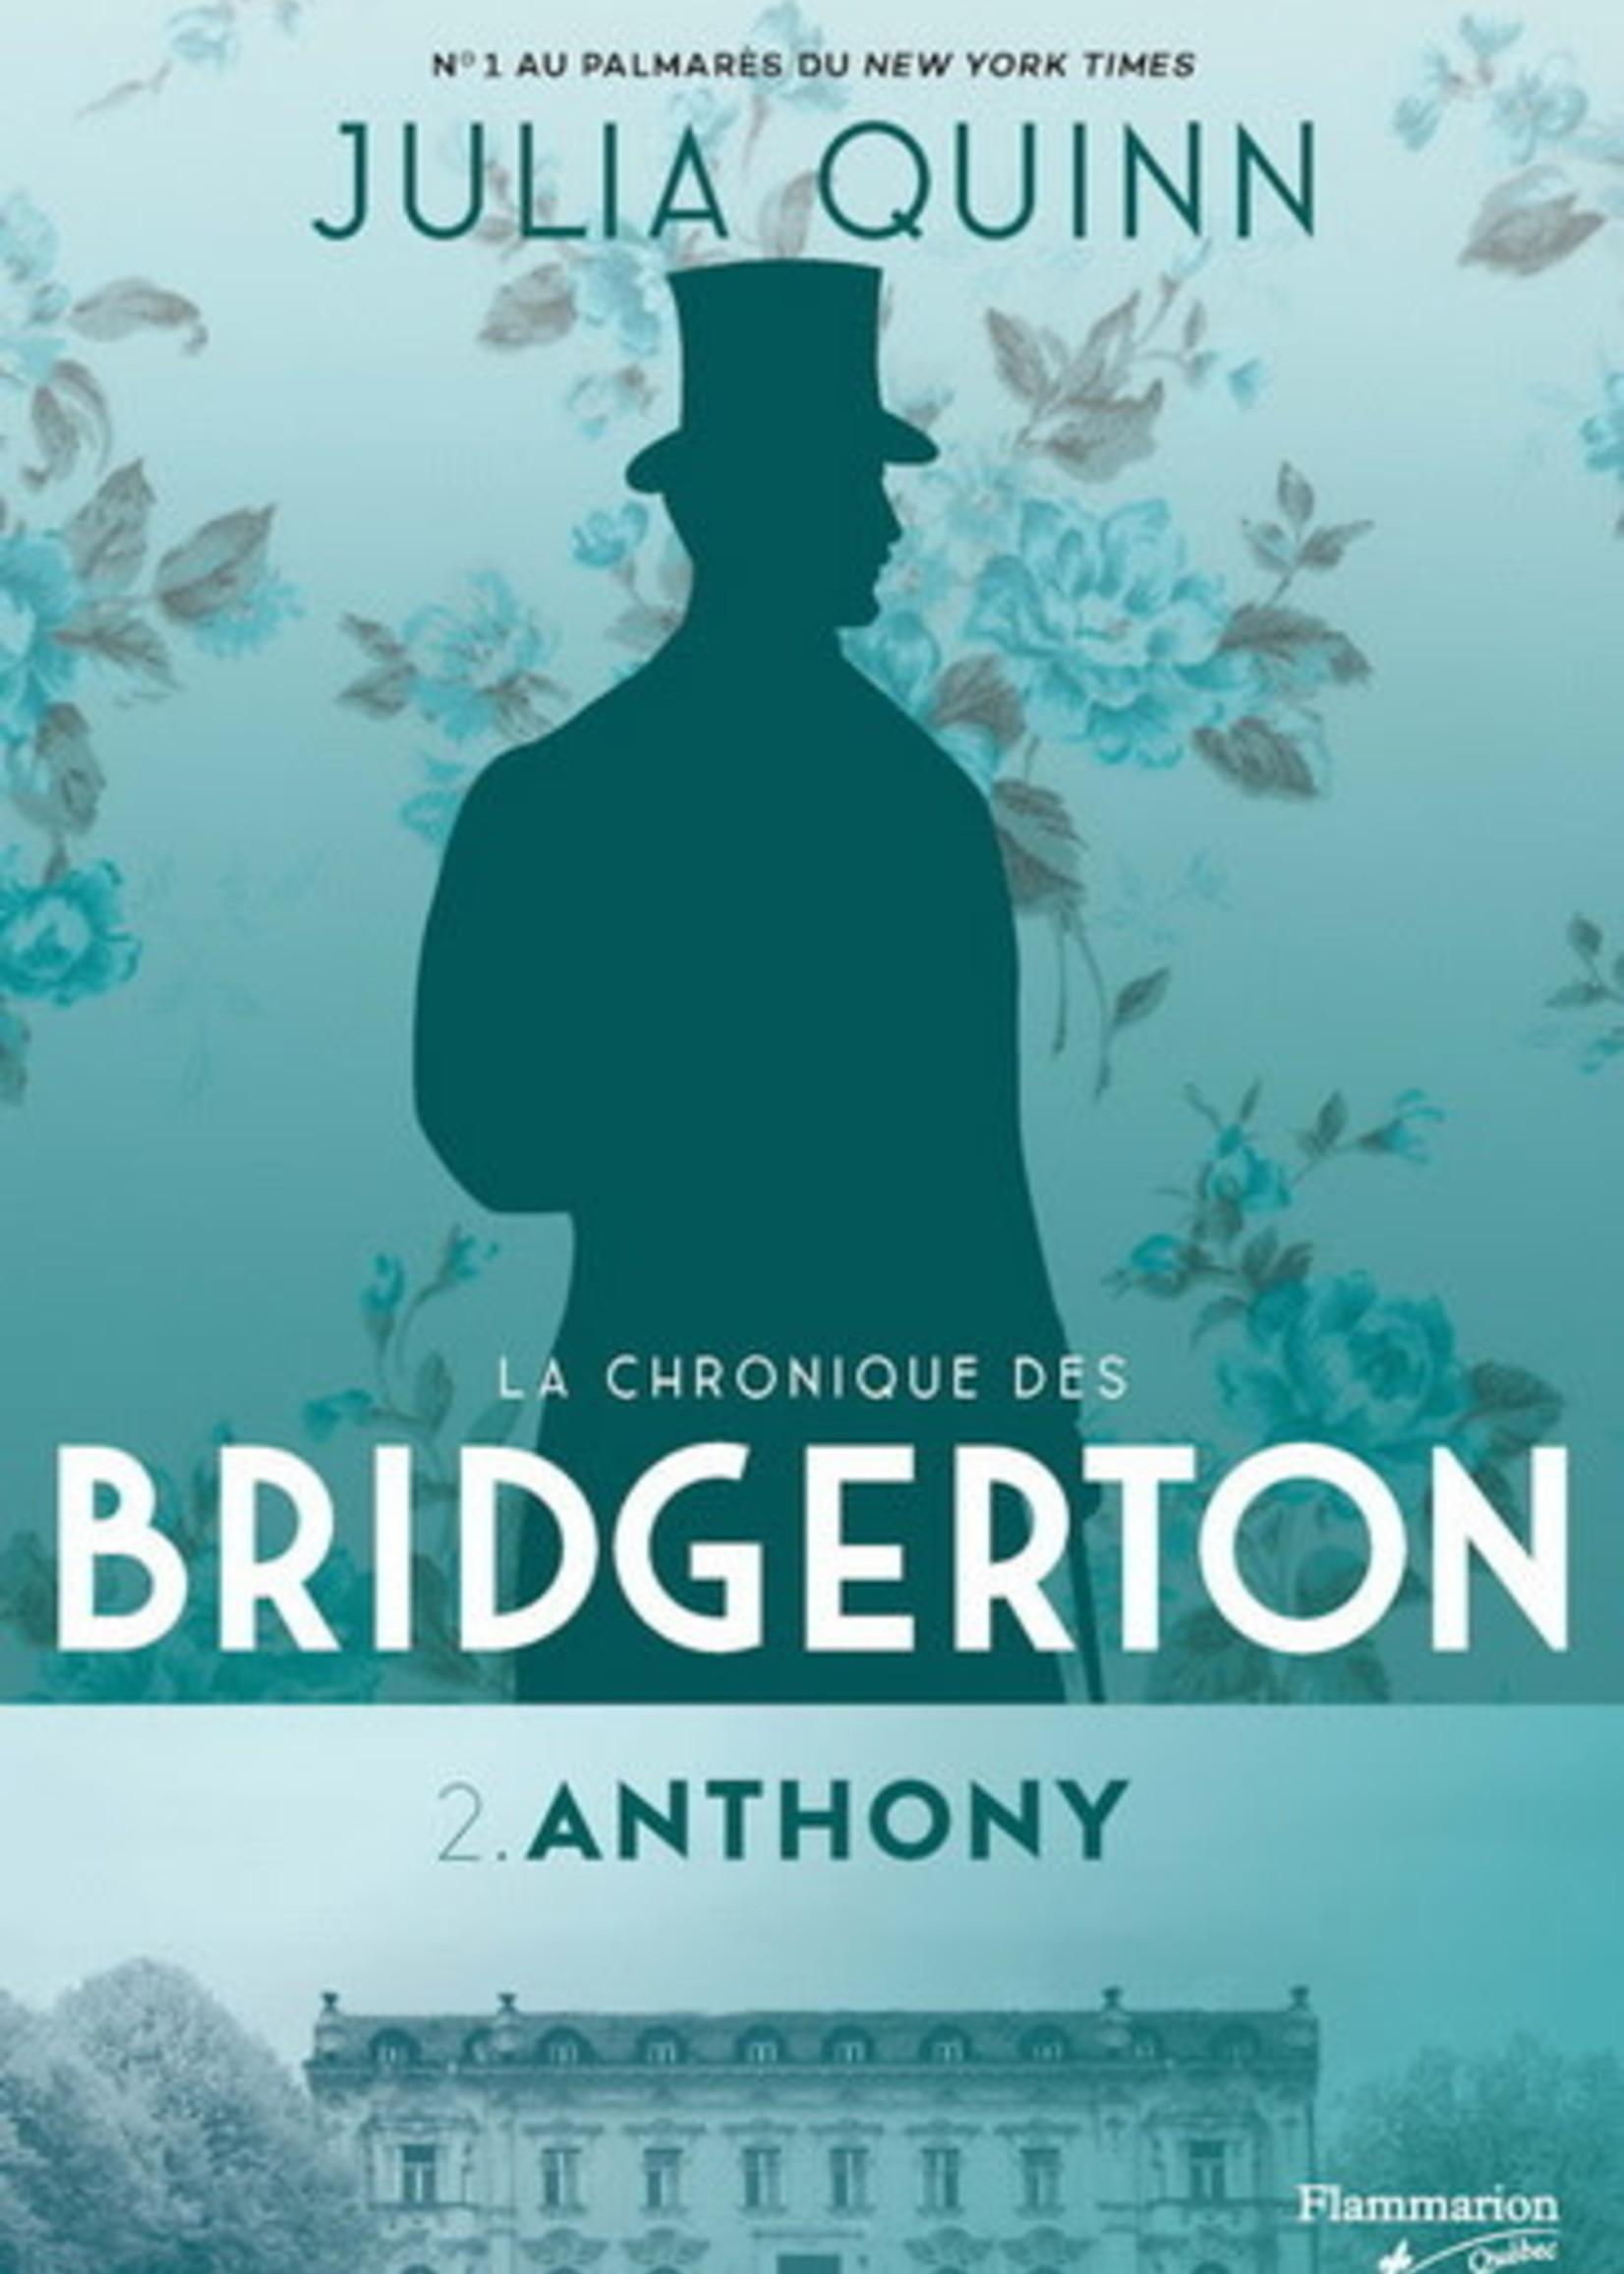 La chronique des Bridgerton T.02 Anthony by Julia Quinn